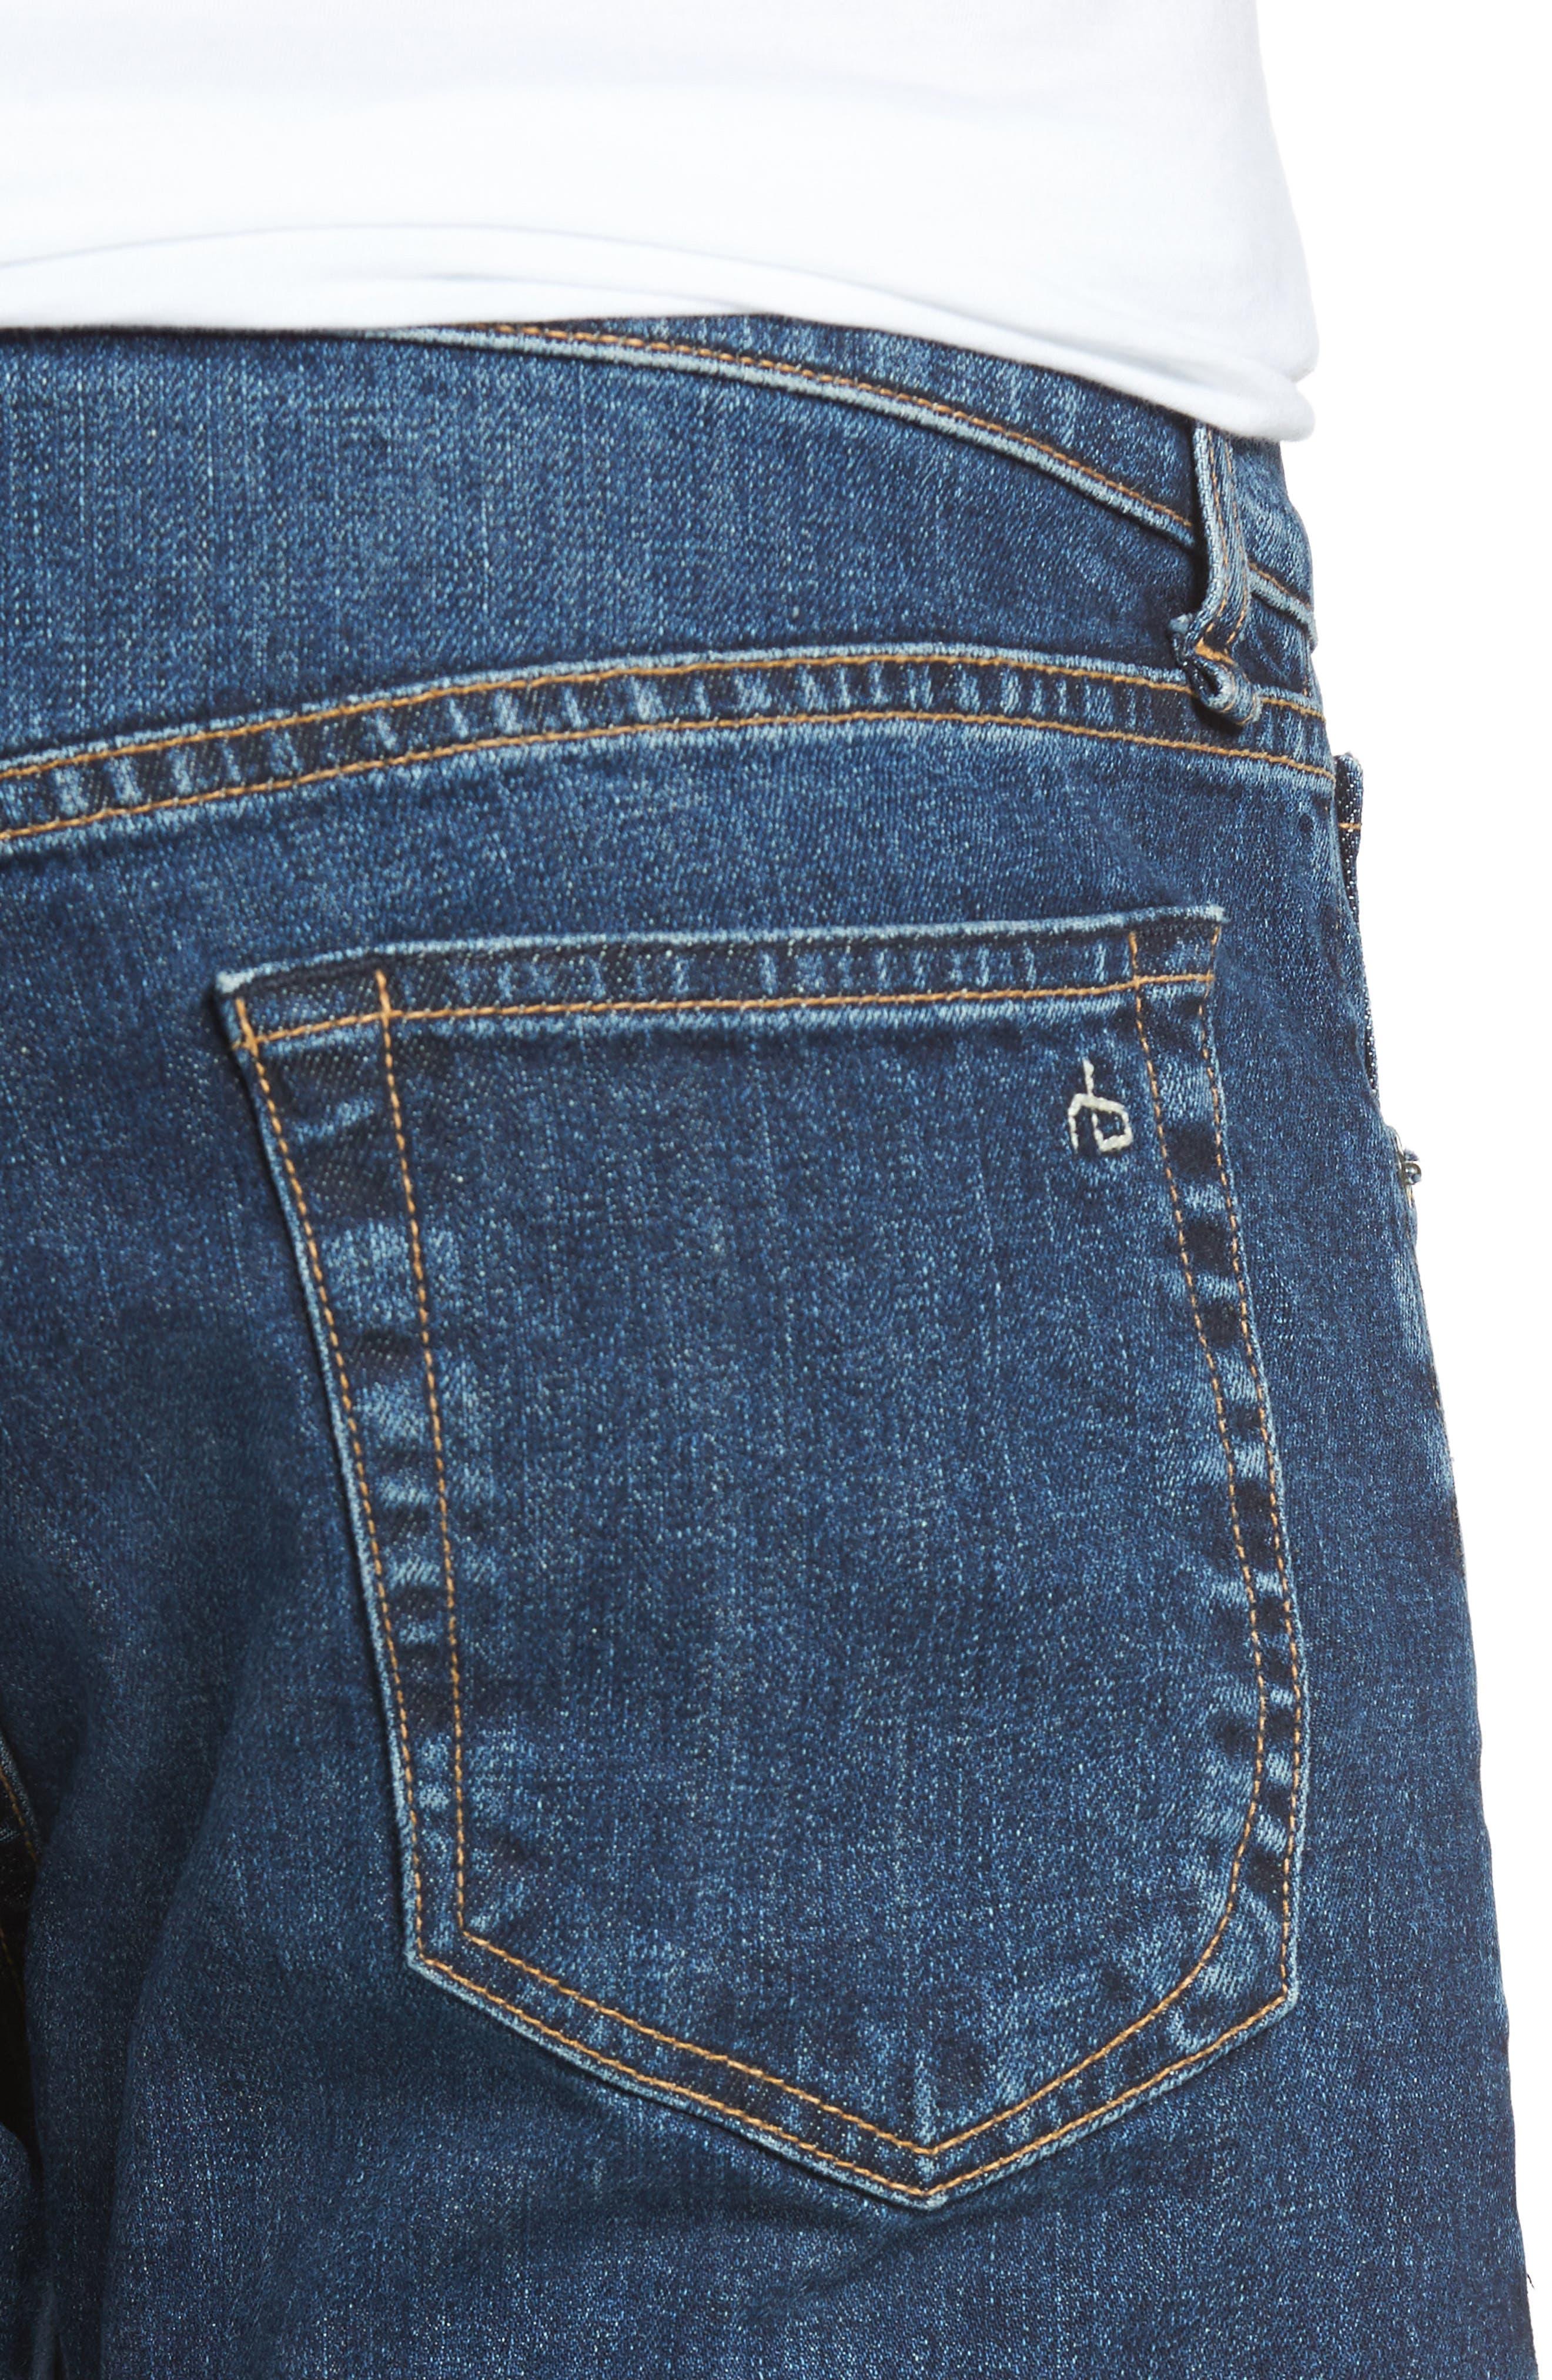 Fit 2 Slim Fit Jeans,                             Alternate thumbnail 4, color,                             423